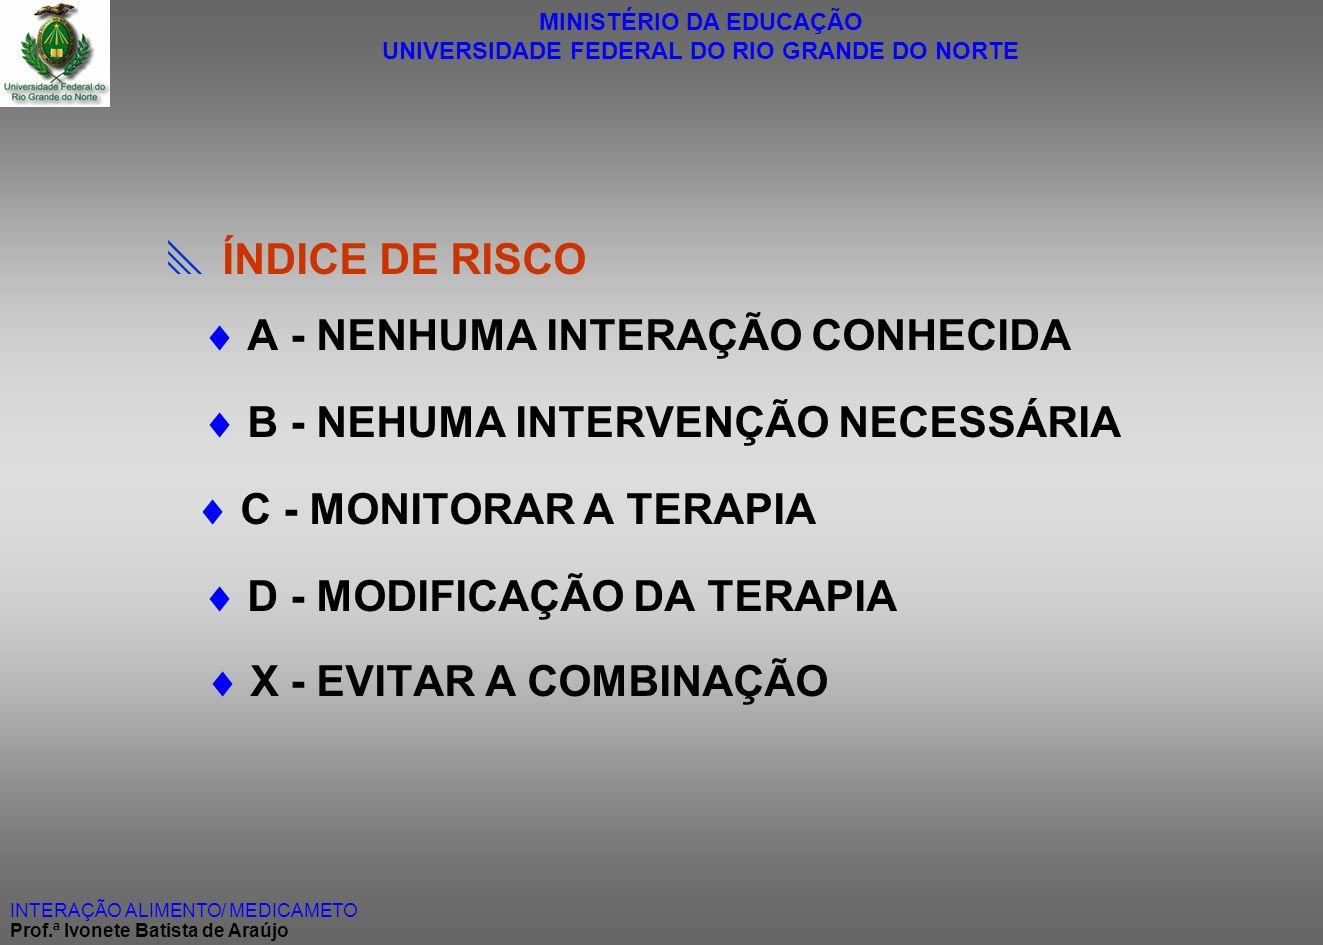  A - NENHUMA INTERAÇÃO CONHECIDA  B - NEHUMA INTERVENÇÃO NECESSÁRIA